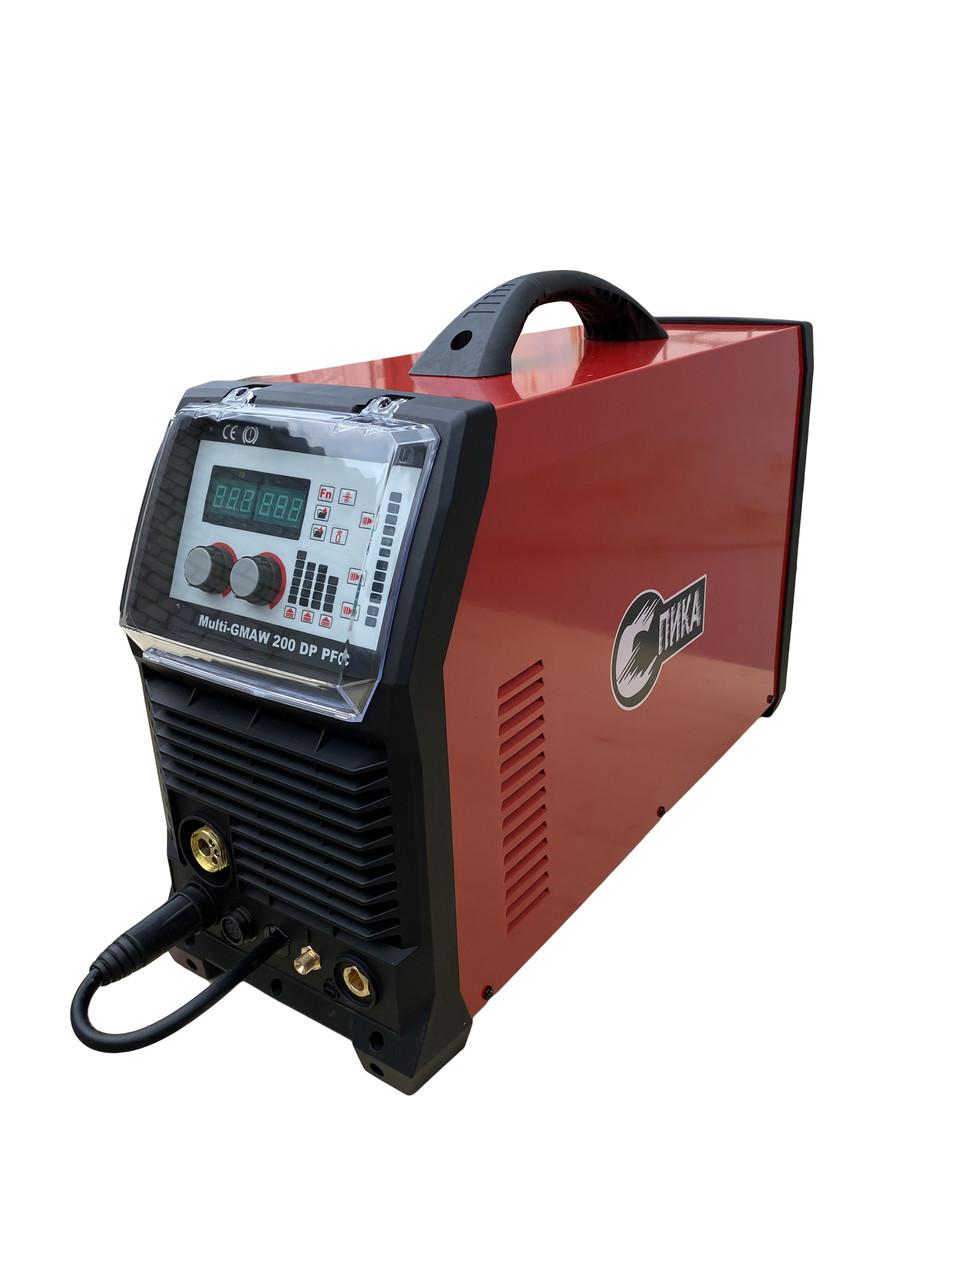 Многофункциональный полуавтомат СПИКА Multi-GMAW 200 DP PFC ( Двойной пульс )